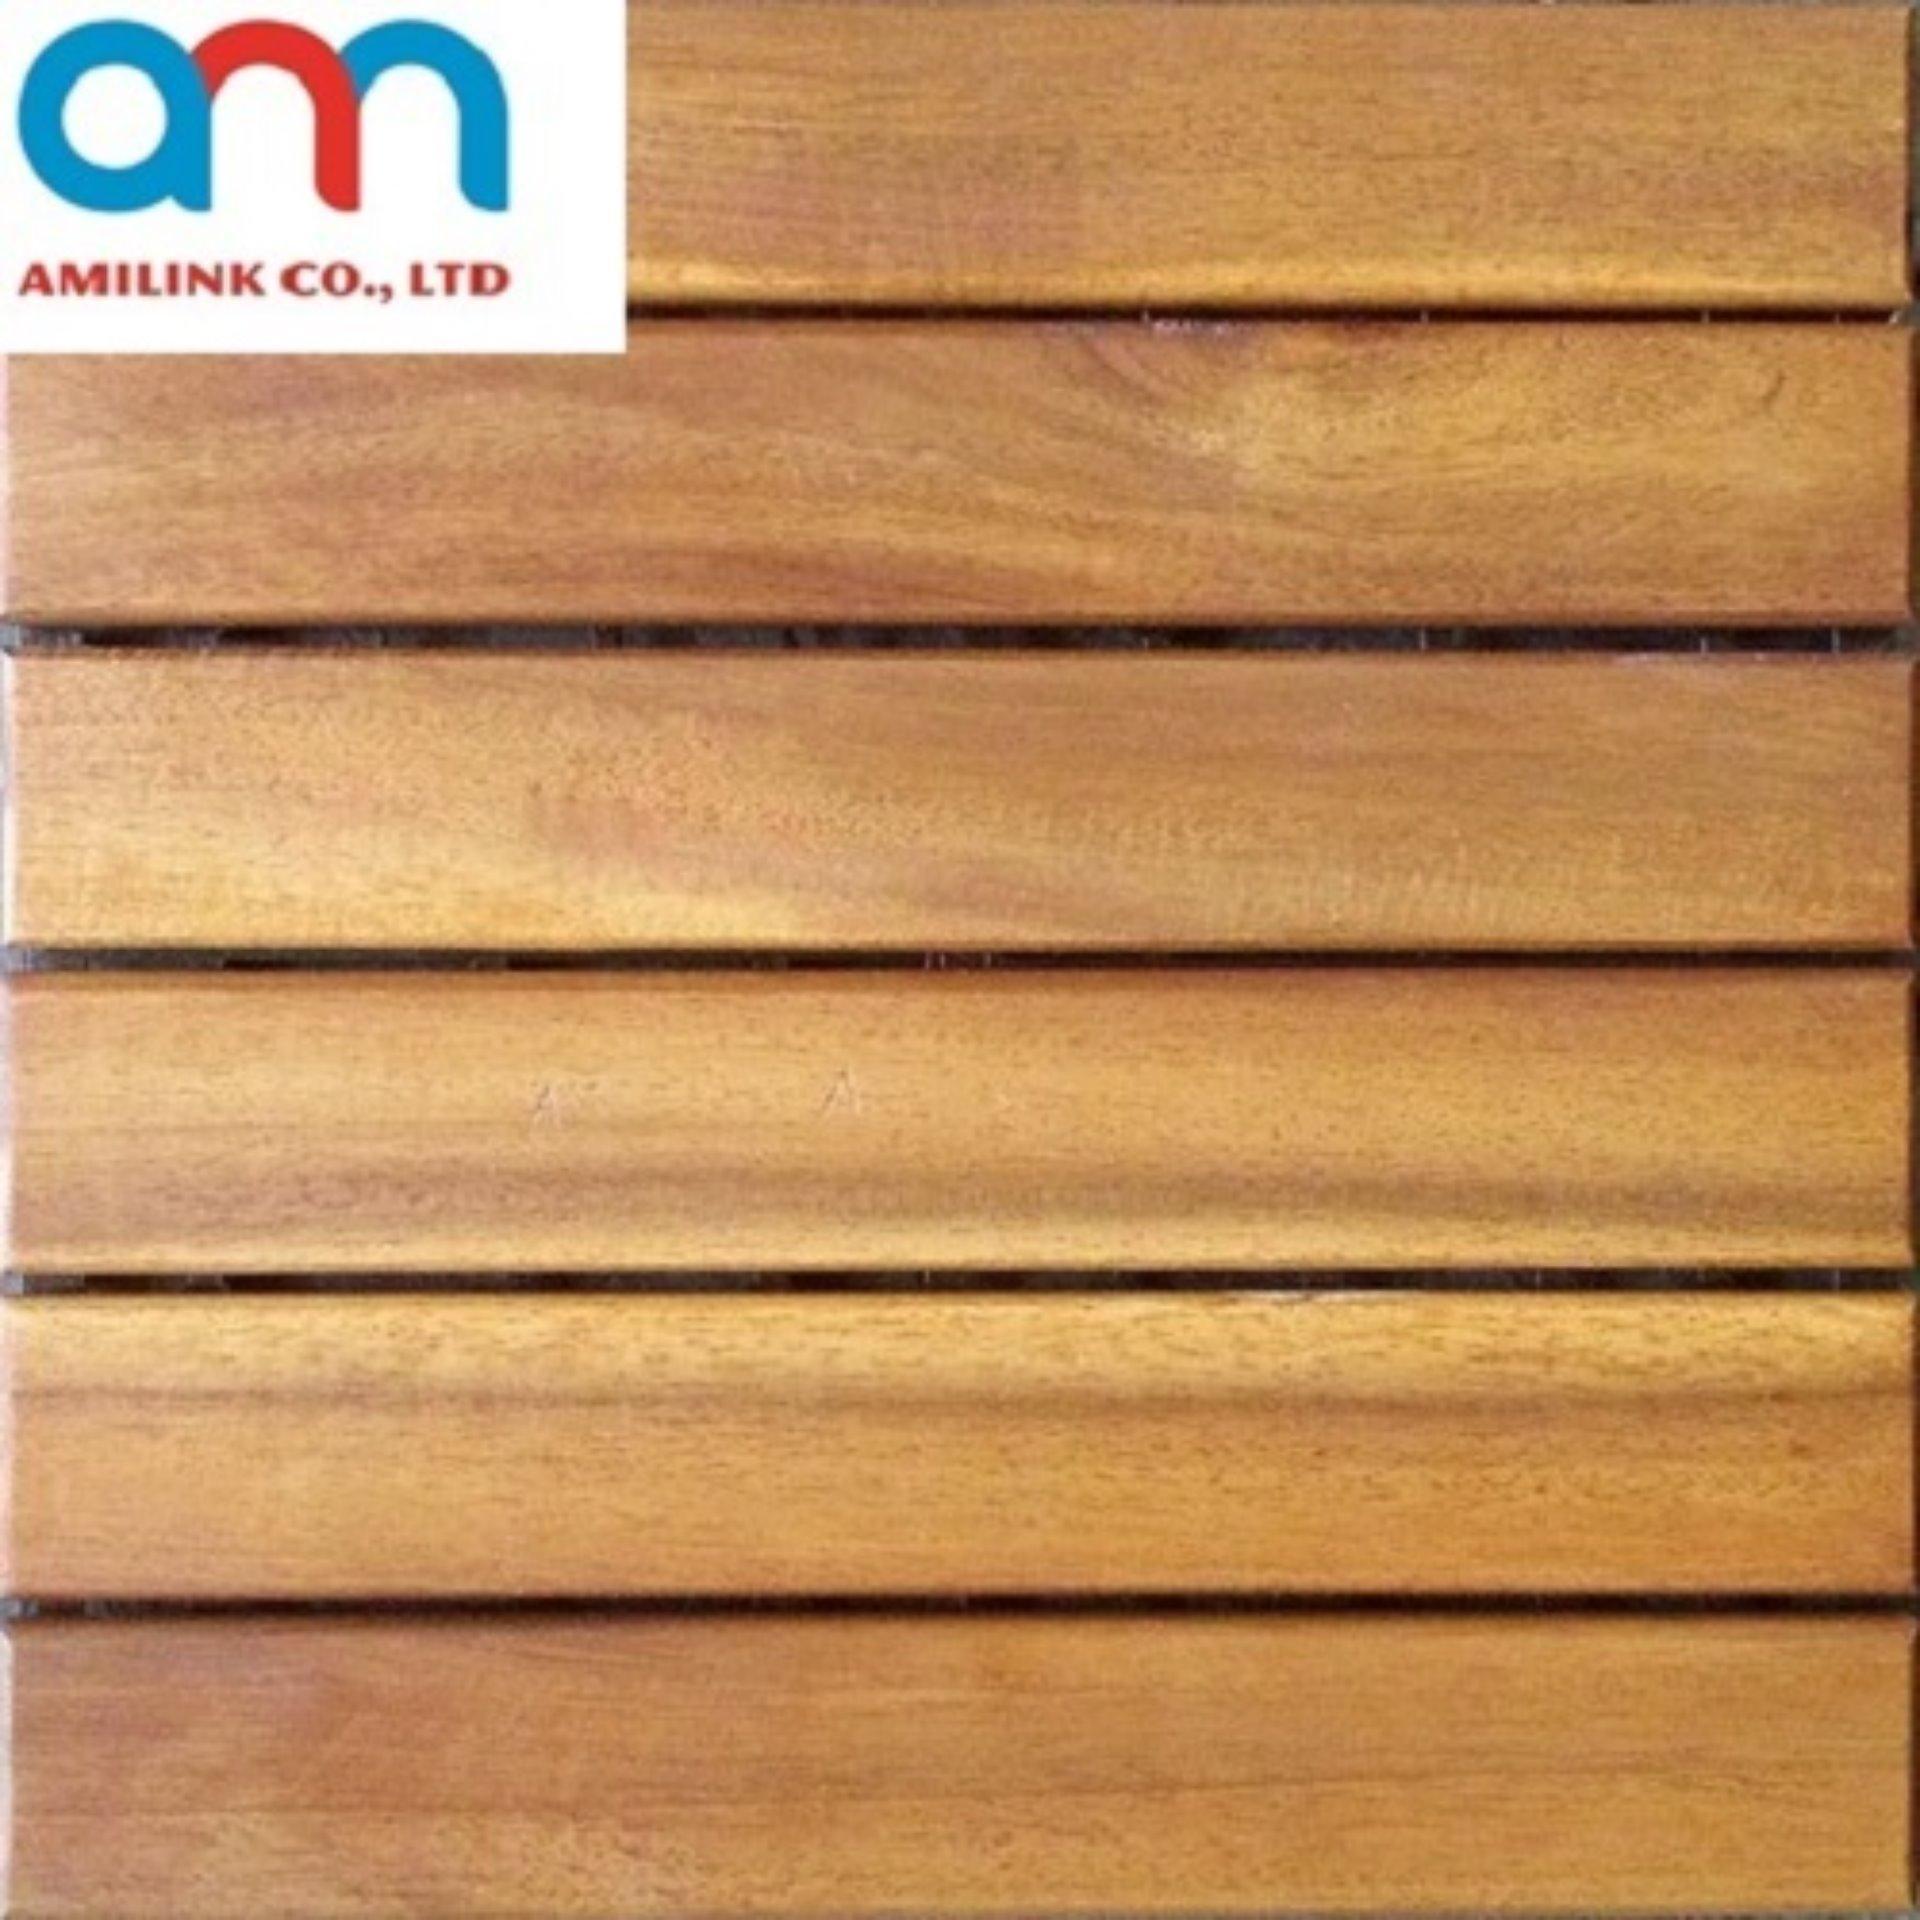 Vỉ gỗ lót sàn – 6 nan màu gỗ tự nhiên